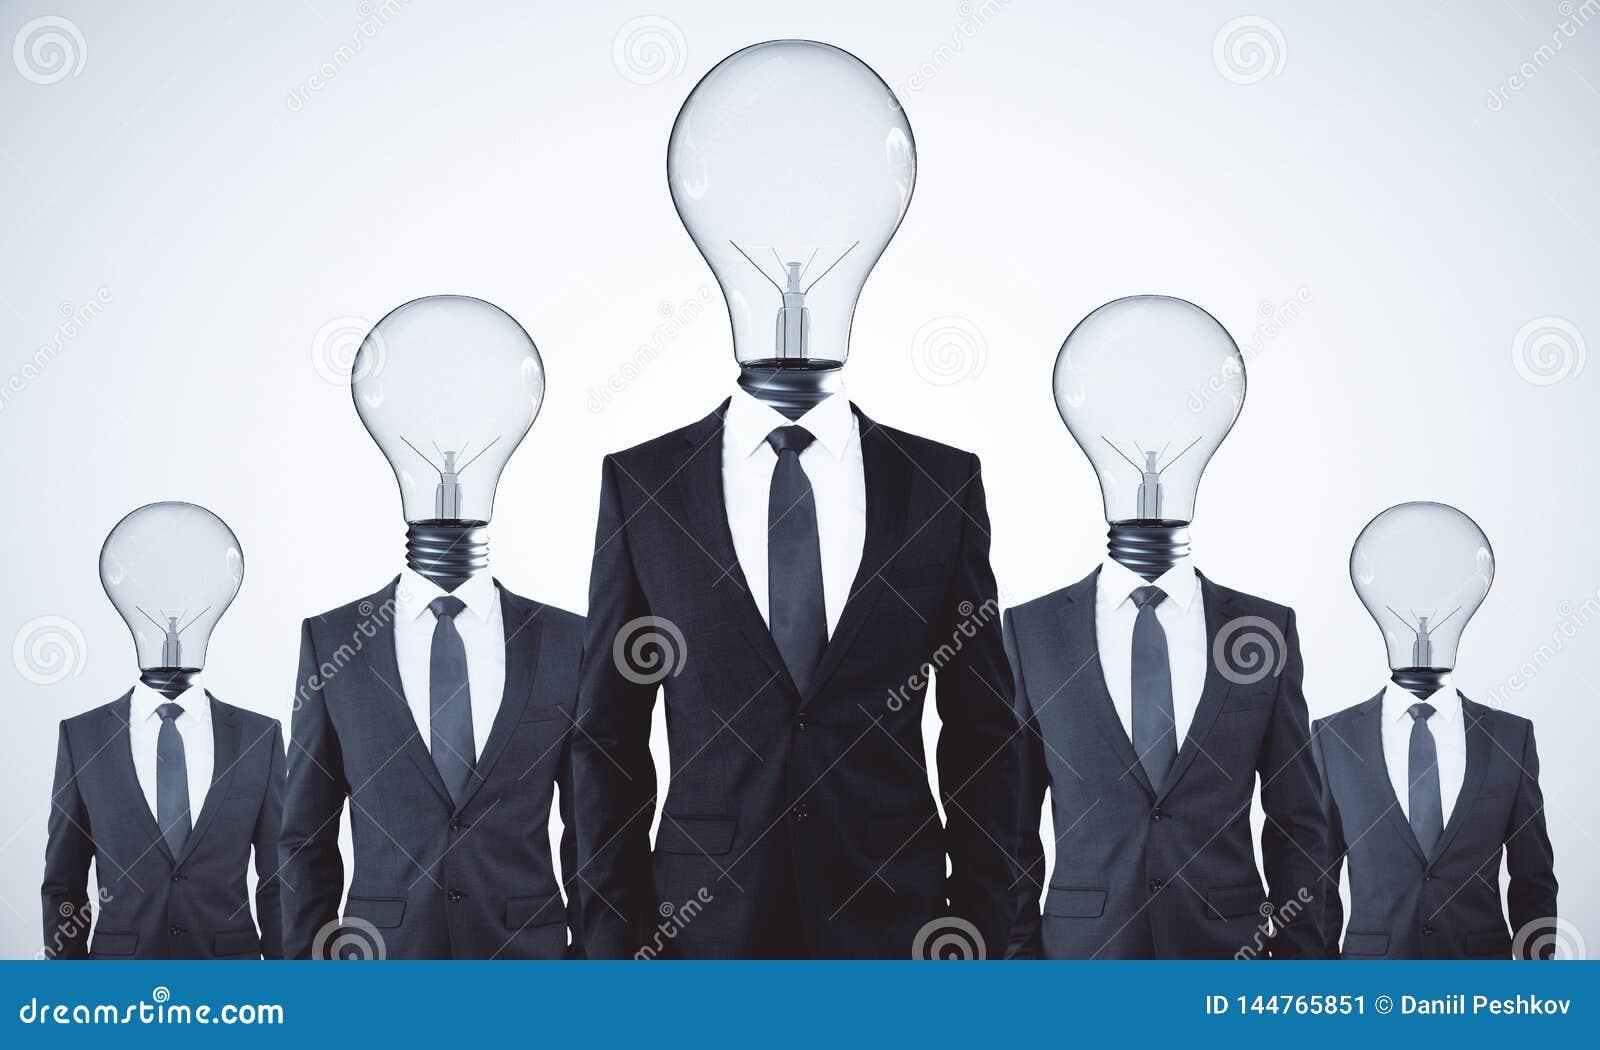 Έννοια ομαδικής εργασίας και ιδέας